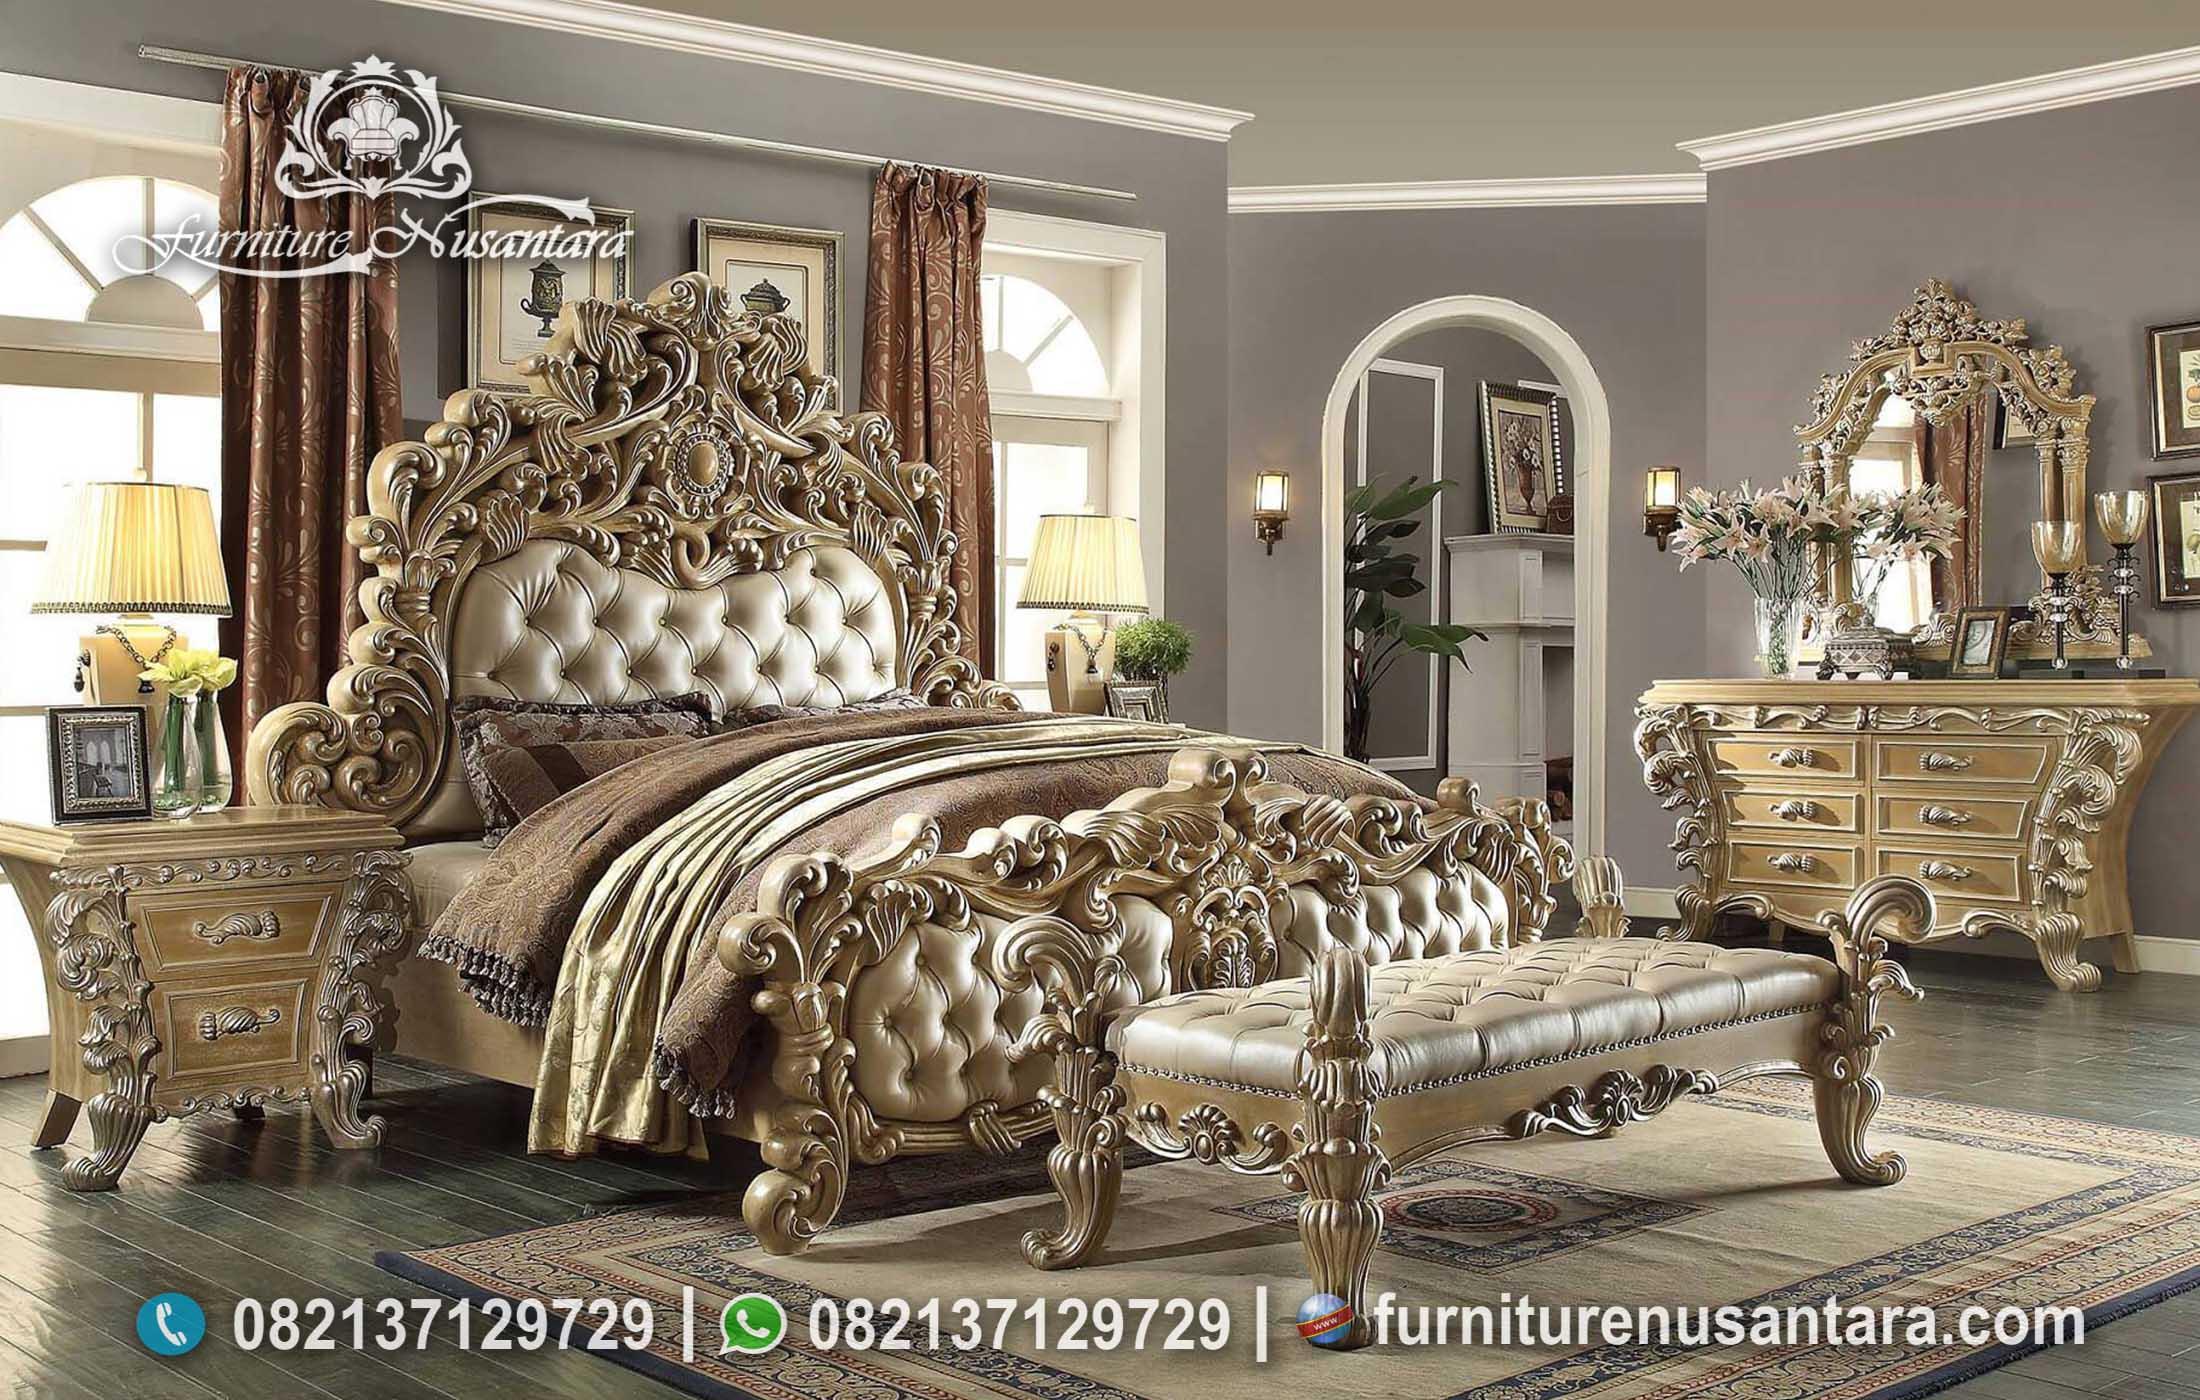 Tempat Tidur Full Ukir Luxury Terpopuler KS-190, Furniture Nusantara